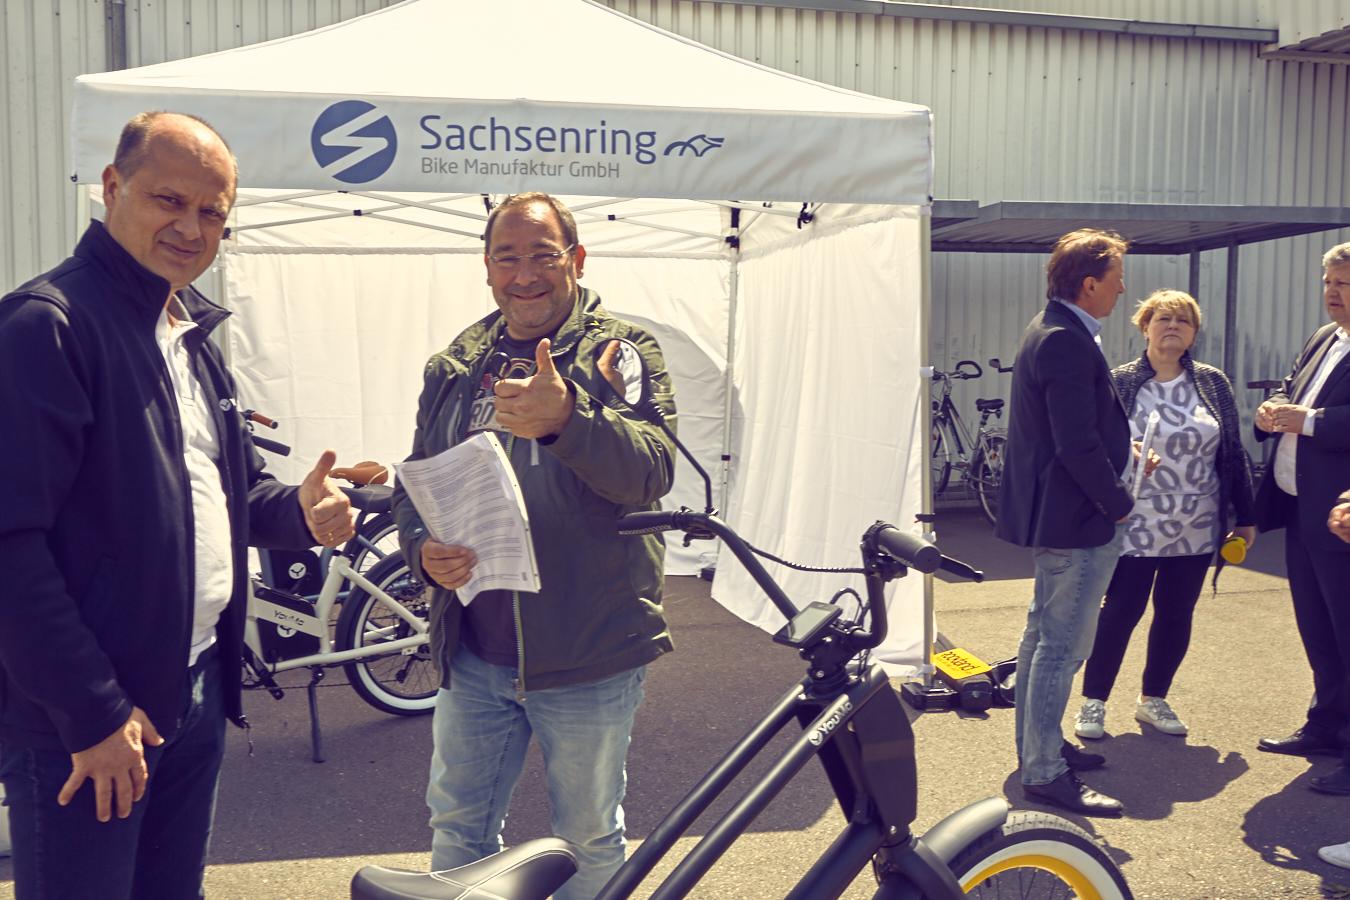 Schlüsselübergabe. Kurt Späte, Geschäftsführer YouMo übergibt den Schlüssel des e-Cruisers an den Gewinner Ralf Kubiak aus Halle/Saale.